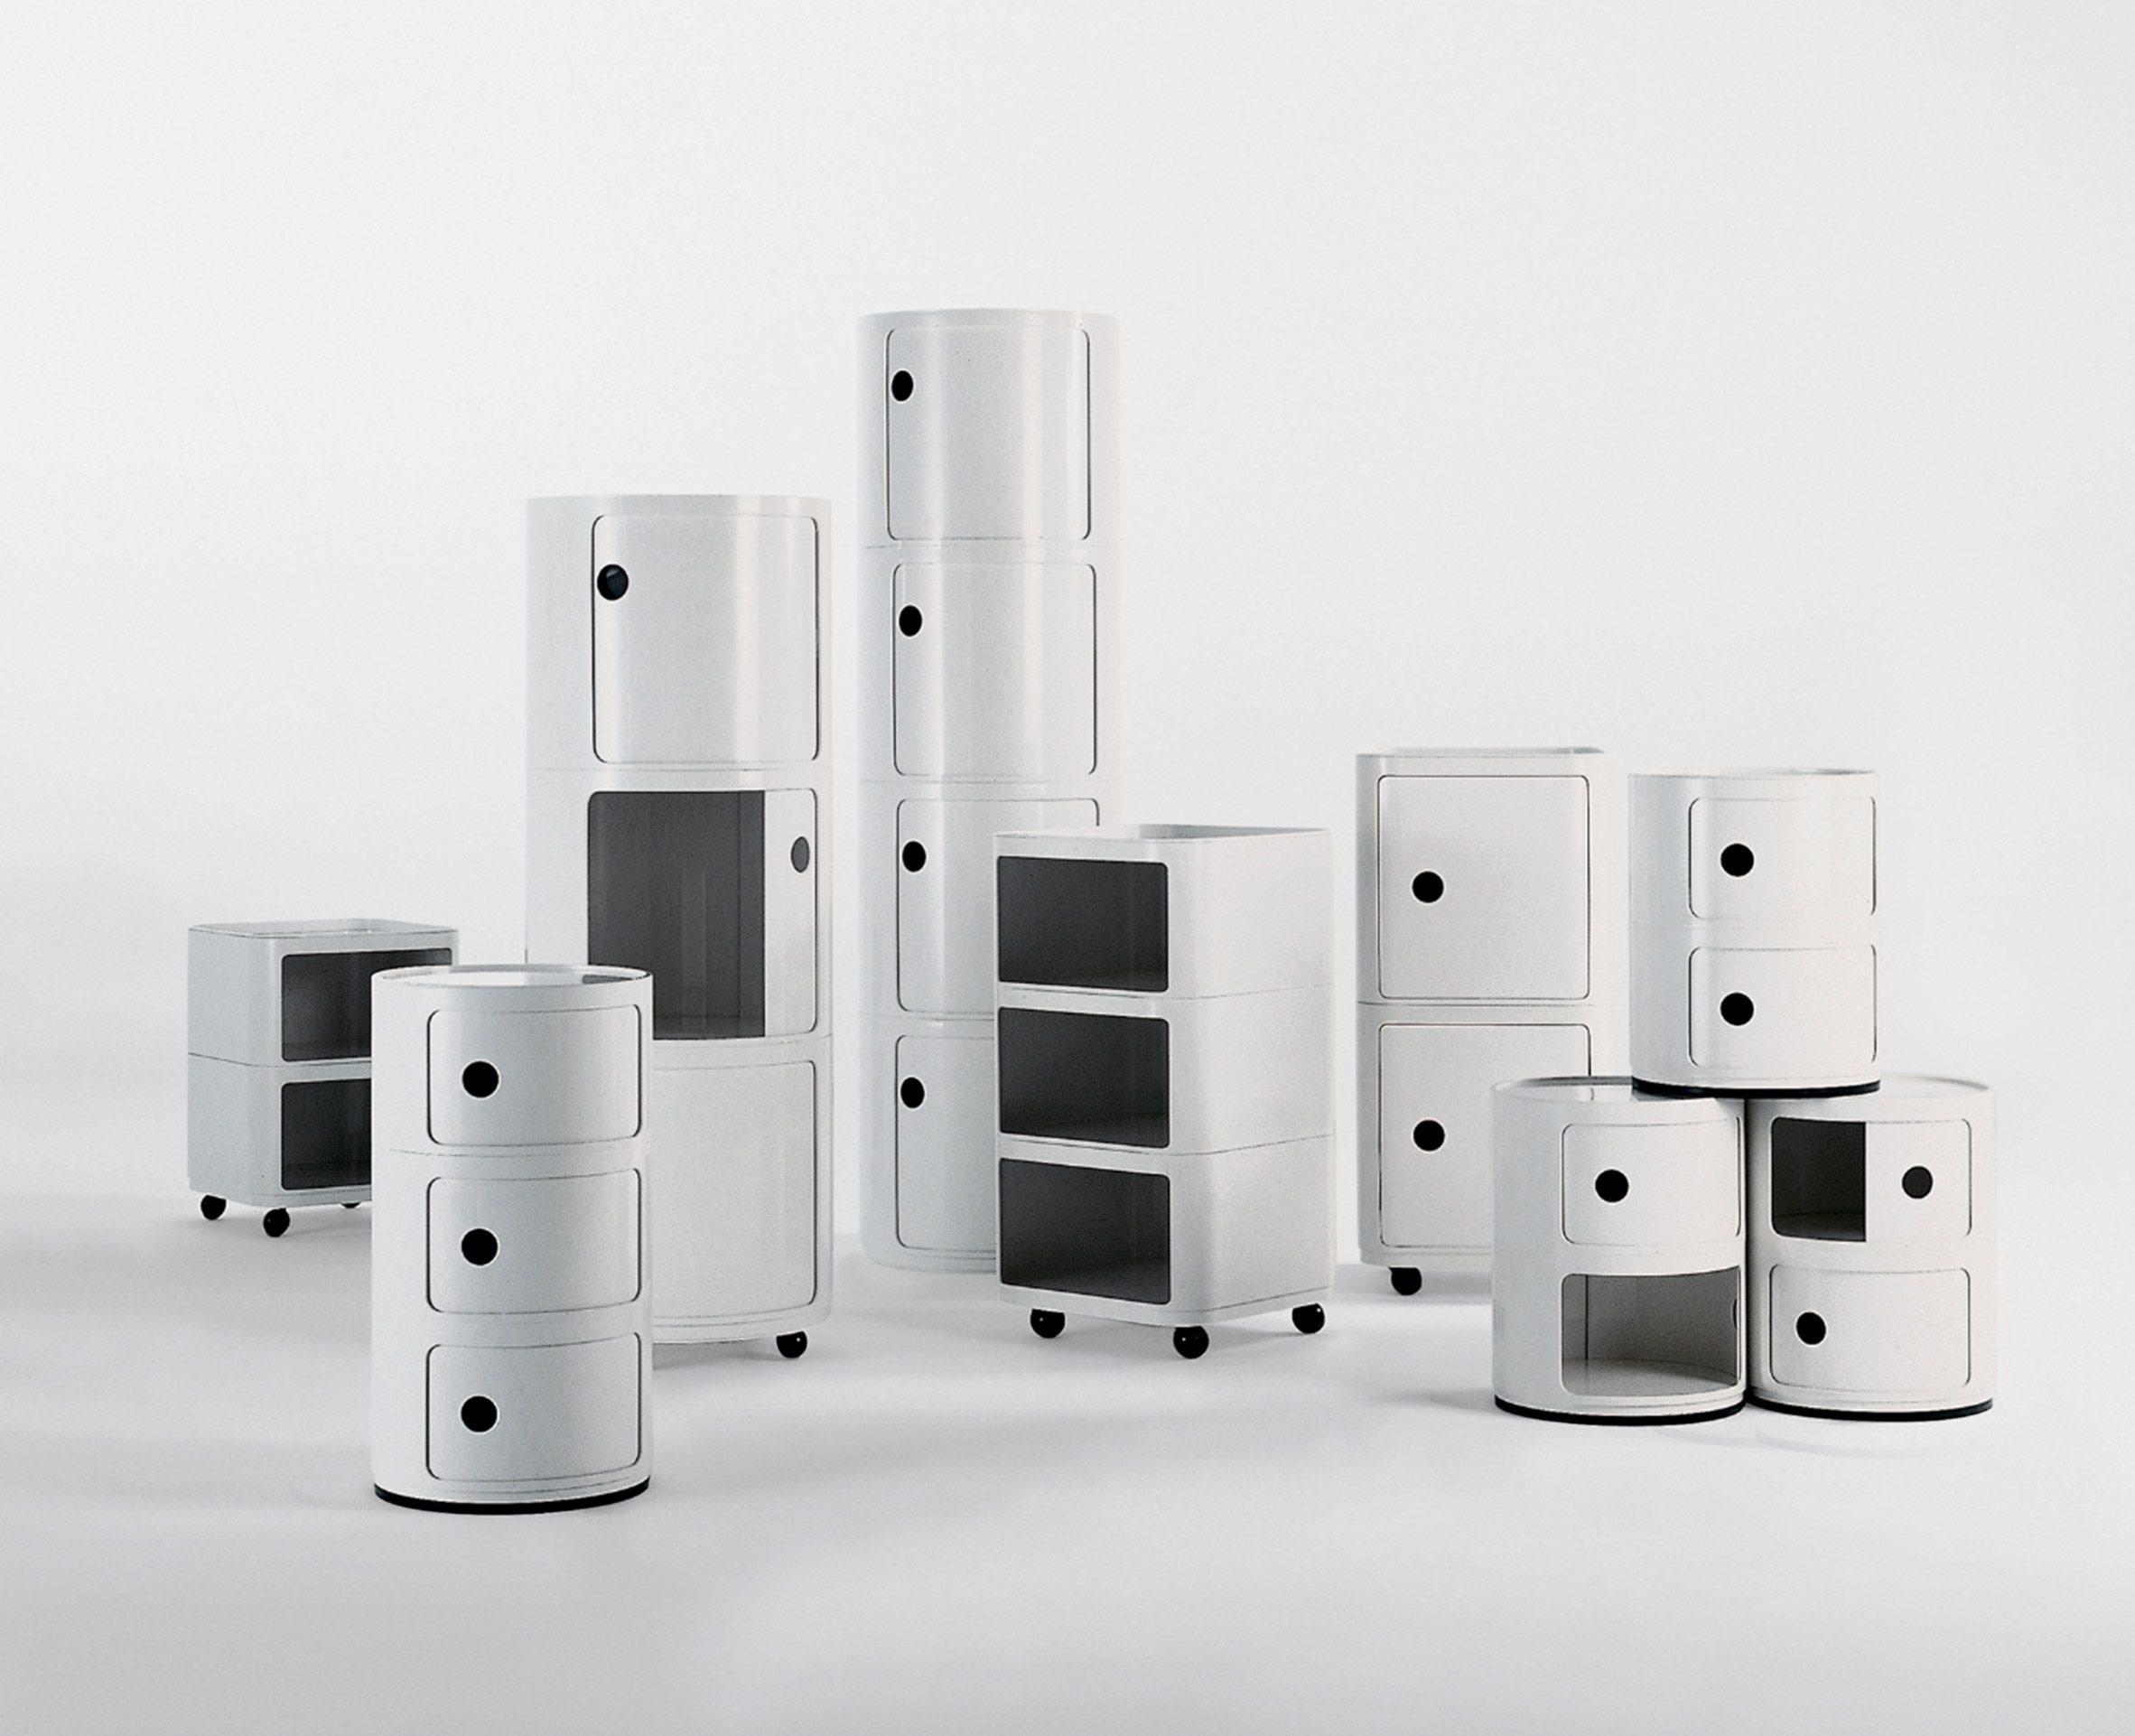 Componibili modular storage system,1967, by Anna Castelli Ferrieri